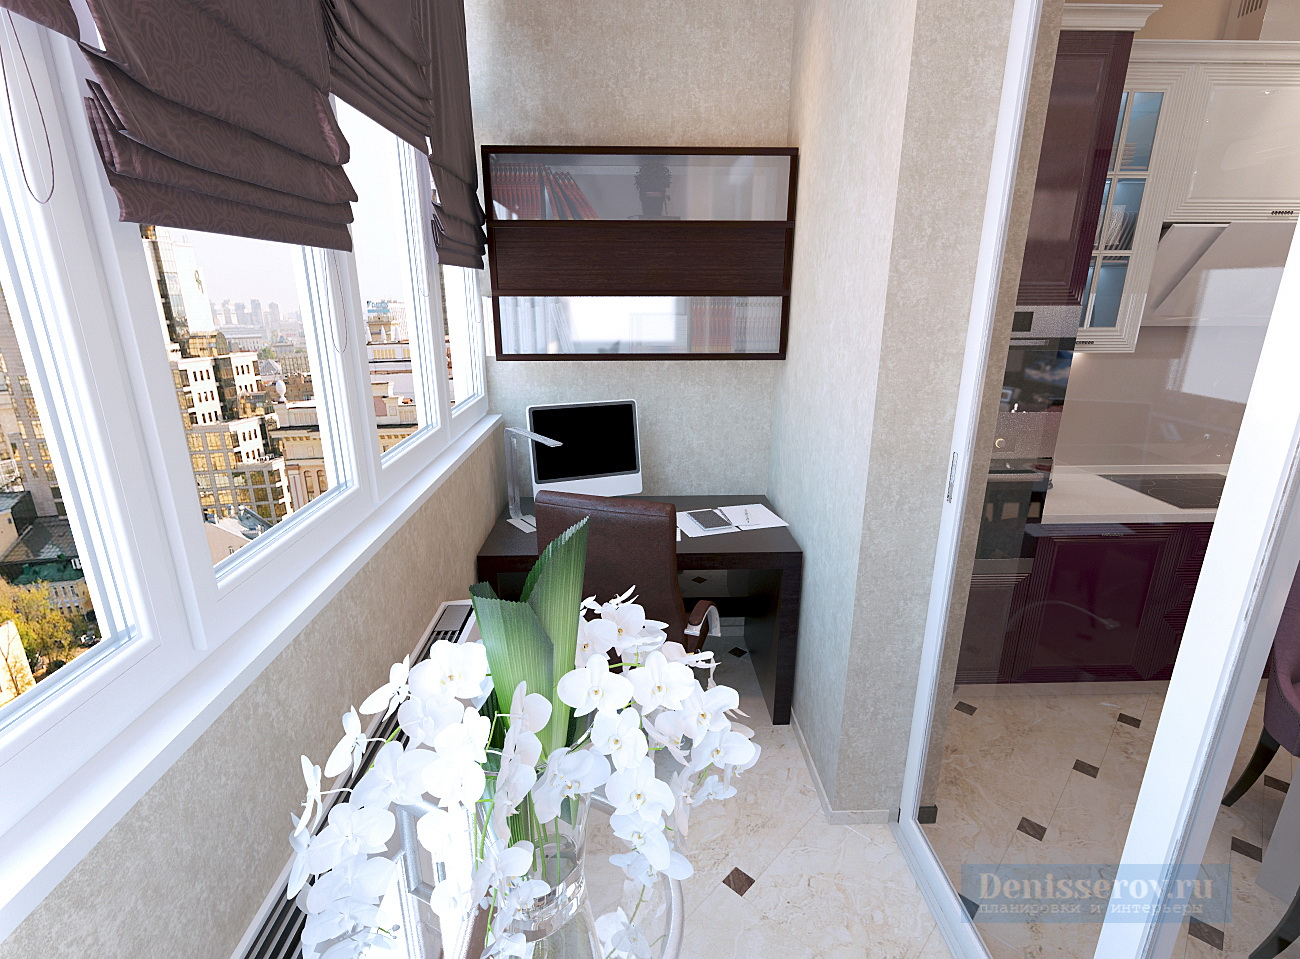 Дизайн проект трехкомнатной квартиры 80 кв.м. в москве денис.